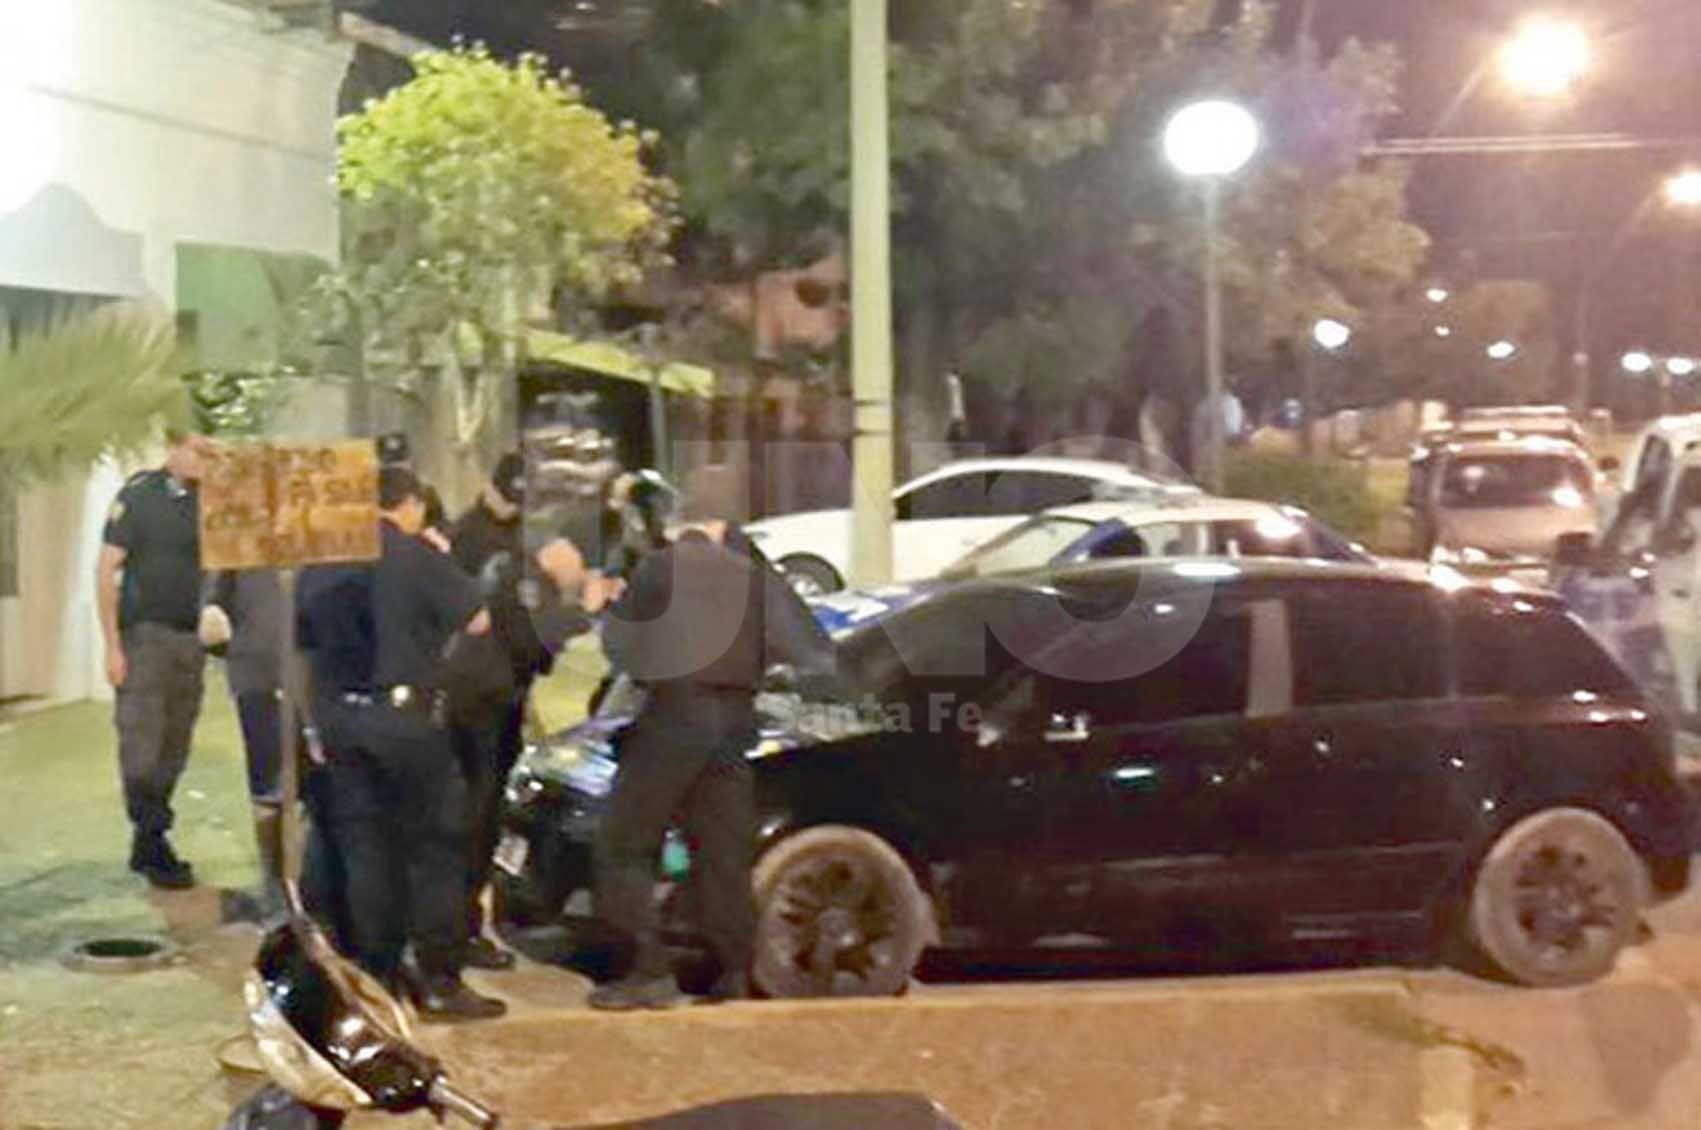 El auto negro. El color del auto fue uno de los indicios para detenerlo.